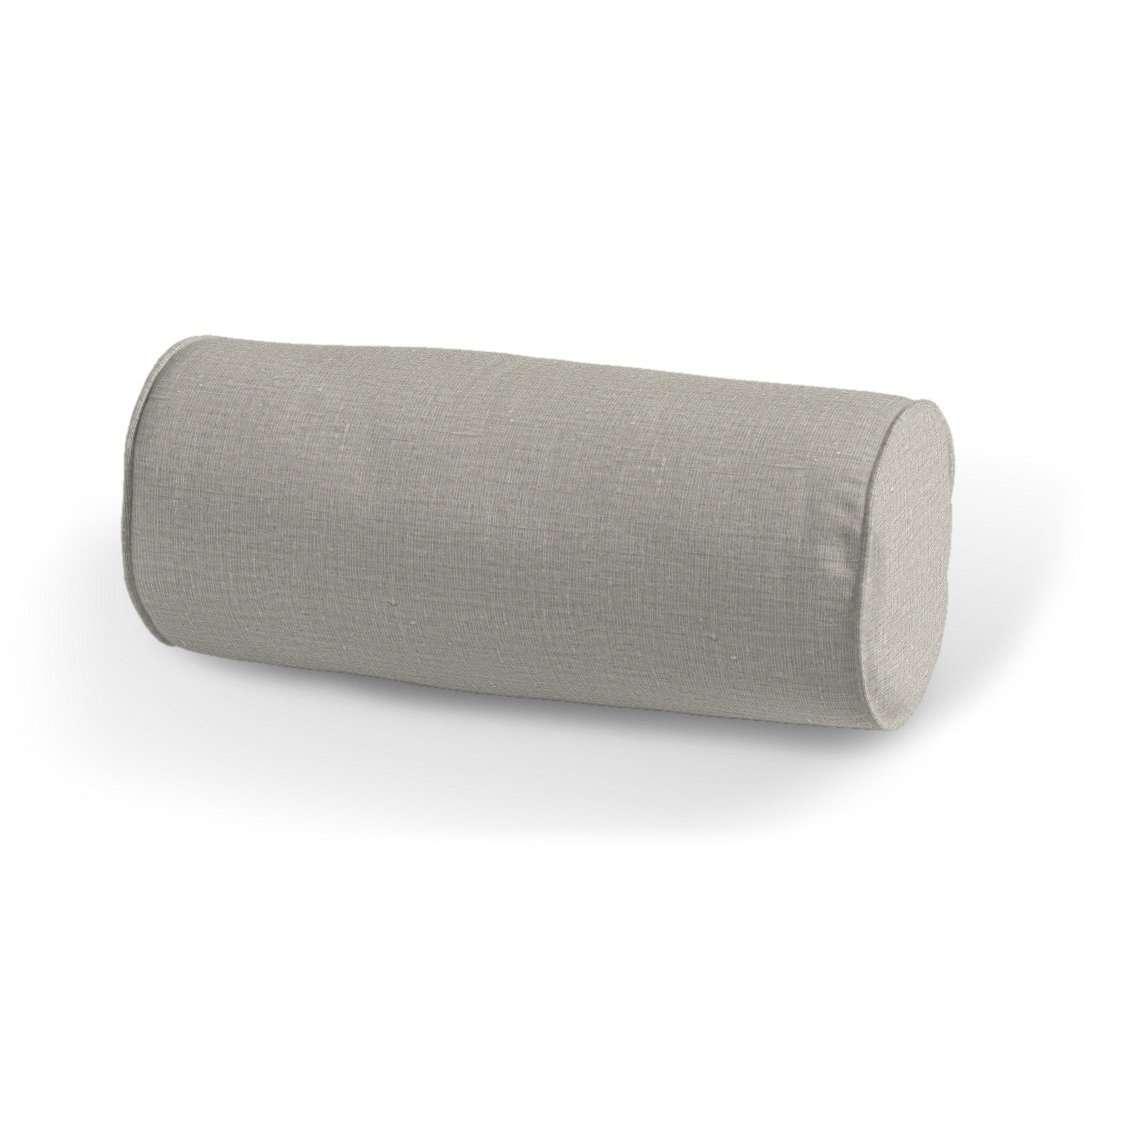 Ritinio formos  pagalvėlės užvalkalas Ø 16 x 40 cm (6 x 16 inch) kolekcijoje Linen , audinys: 392-05